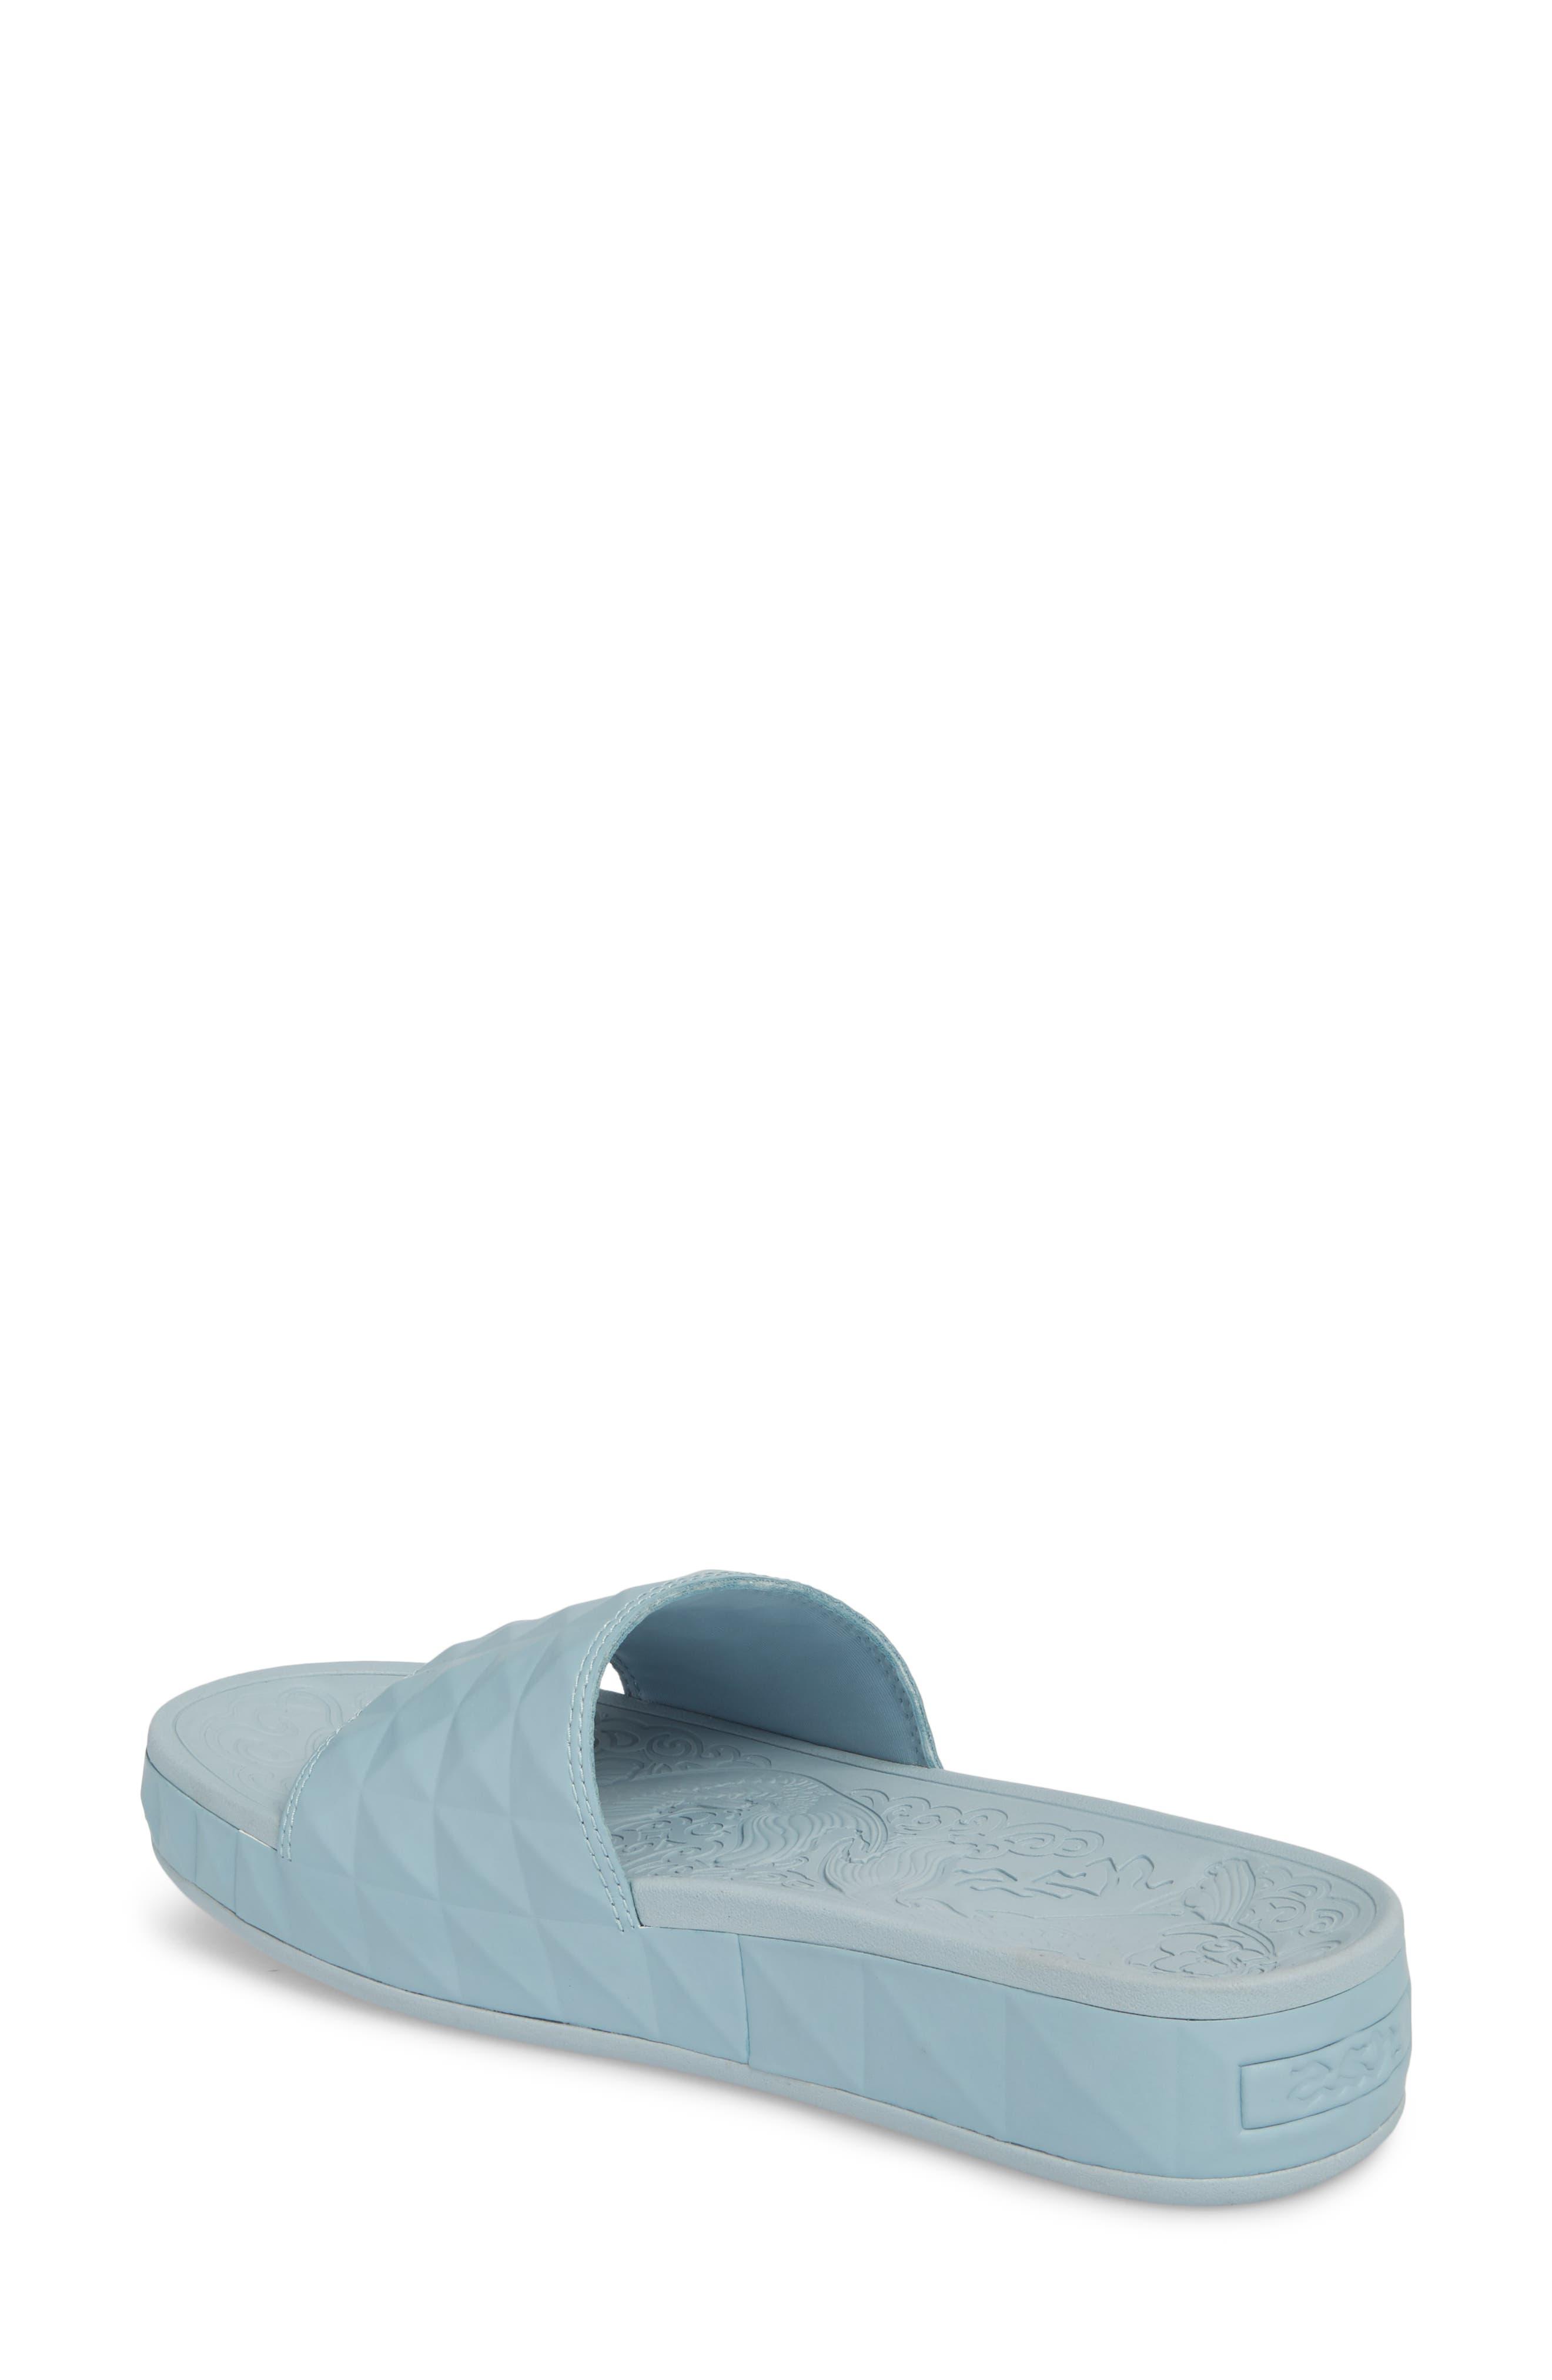 Splash Geo Slide Sandal,                             Alternate thumbnail 2, color,                             Ice Blue